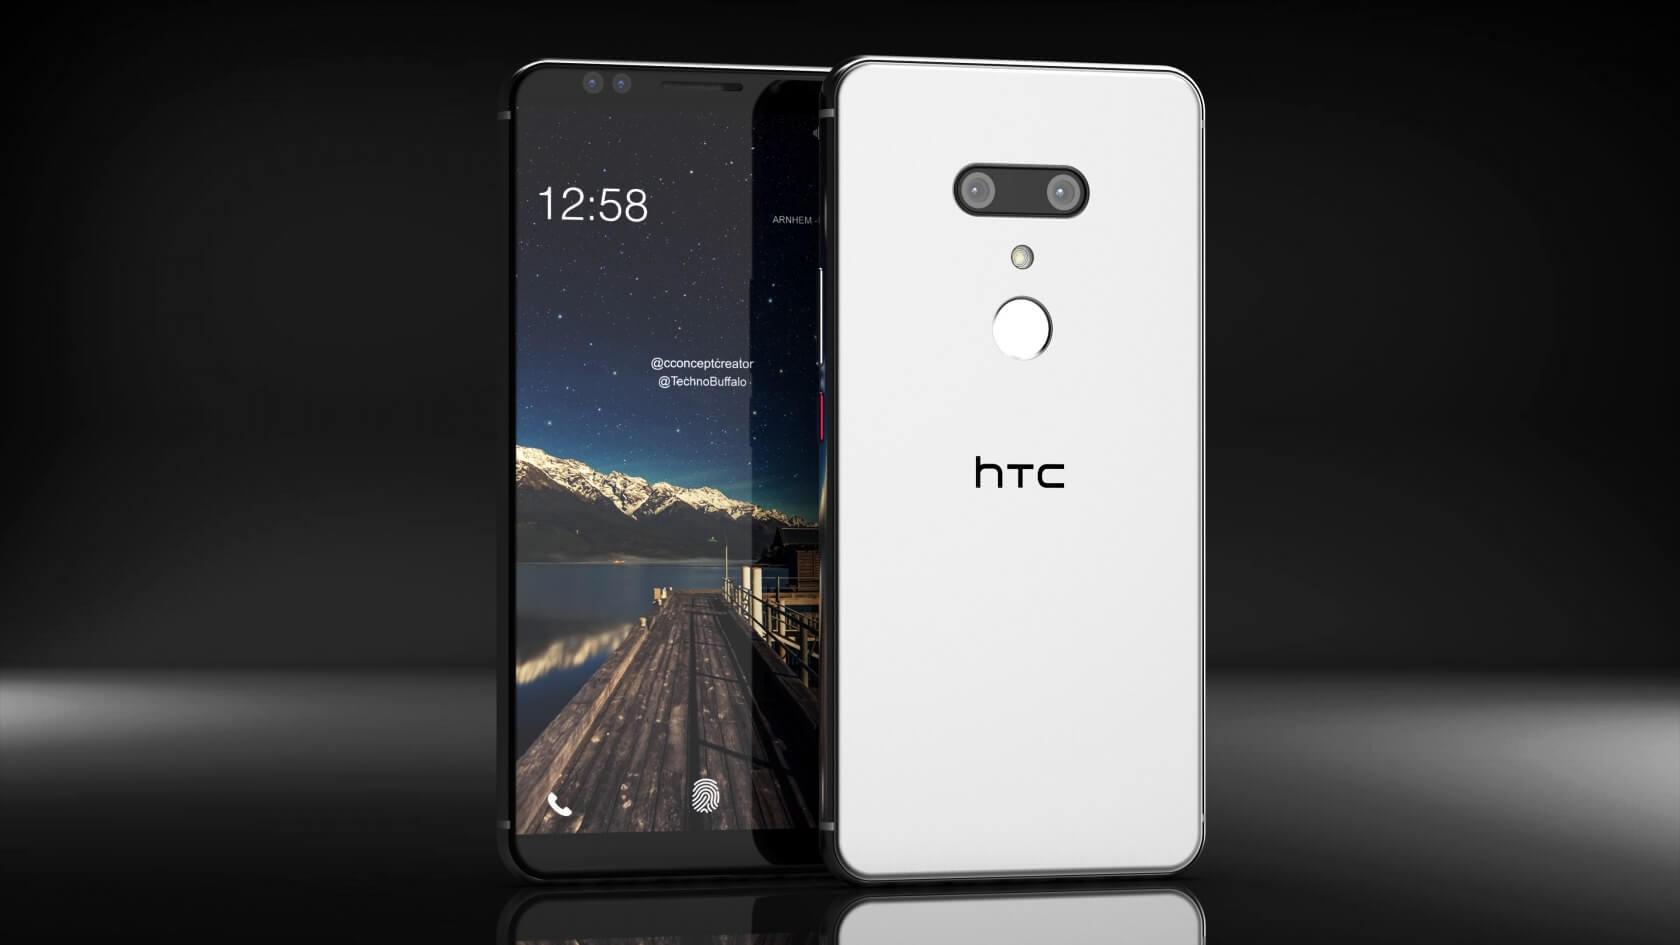 Al eerder was alle informatie over de HTC U12+ gelekt. Vandaag heeft HTC hun nieuwe vlaggenschip gelanceerd. Er is niets nieuws aan de horizon en de gelekte informatie klopt volledig. De nieuwe U12+ is een upgrade van de bestaande U11+ echter is de dualcamera weer teruggekomen. Deze laatste camerasetup was terug te vinden op de One M8.